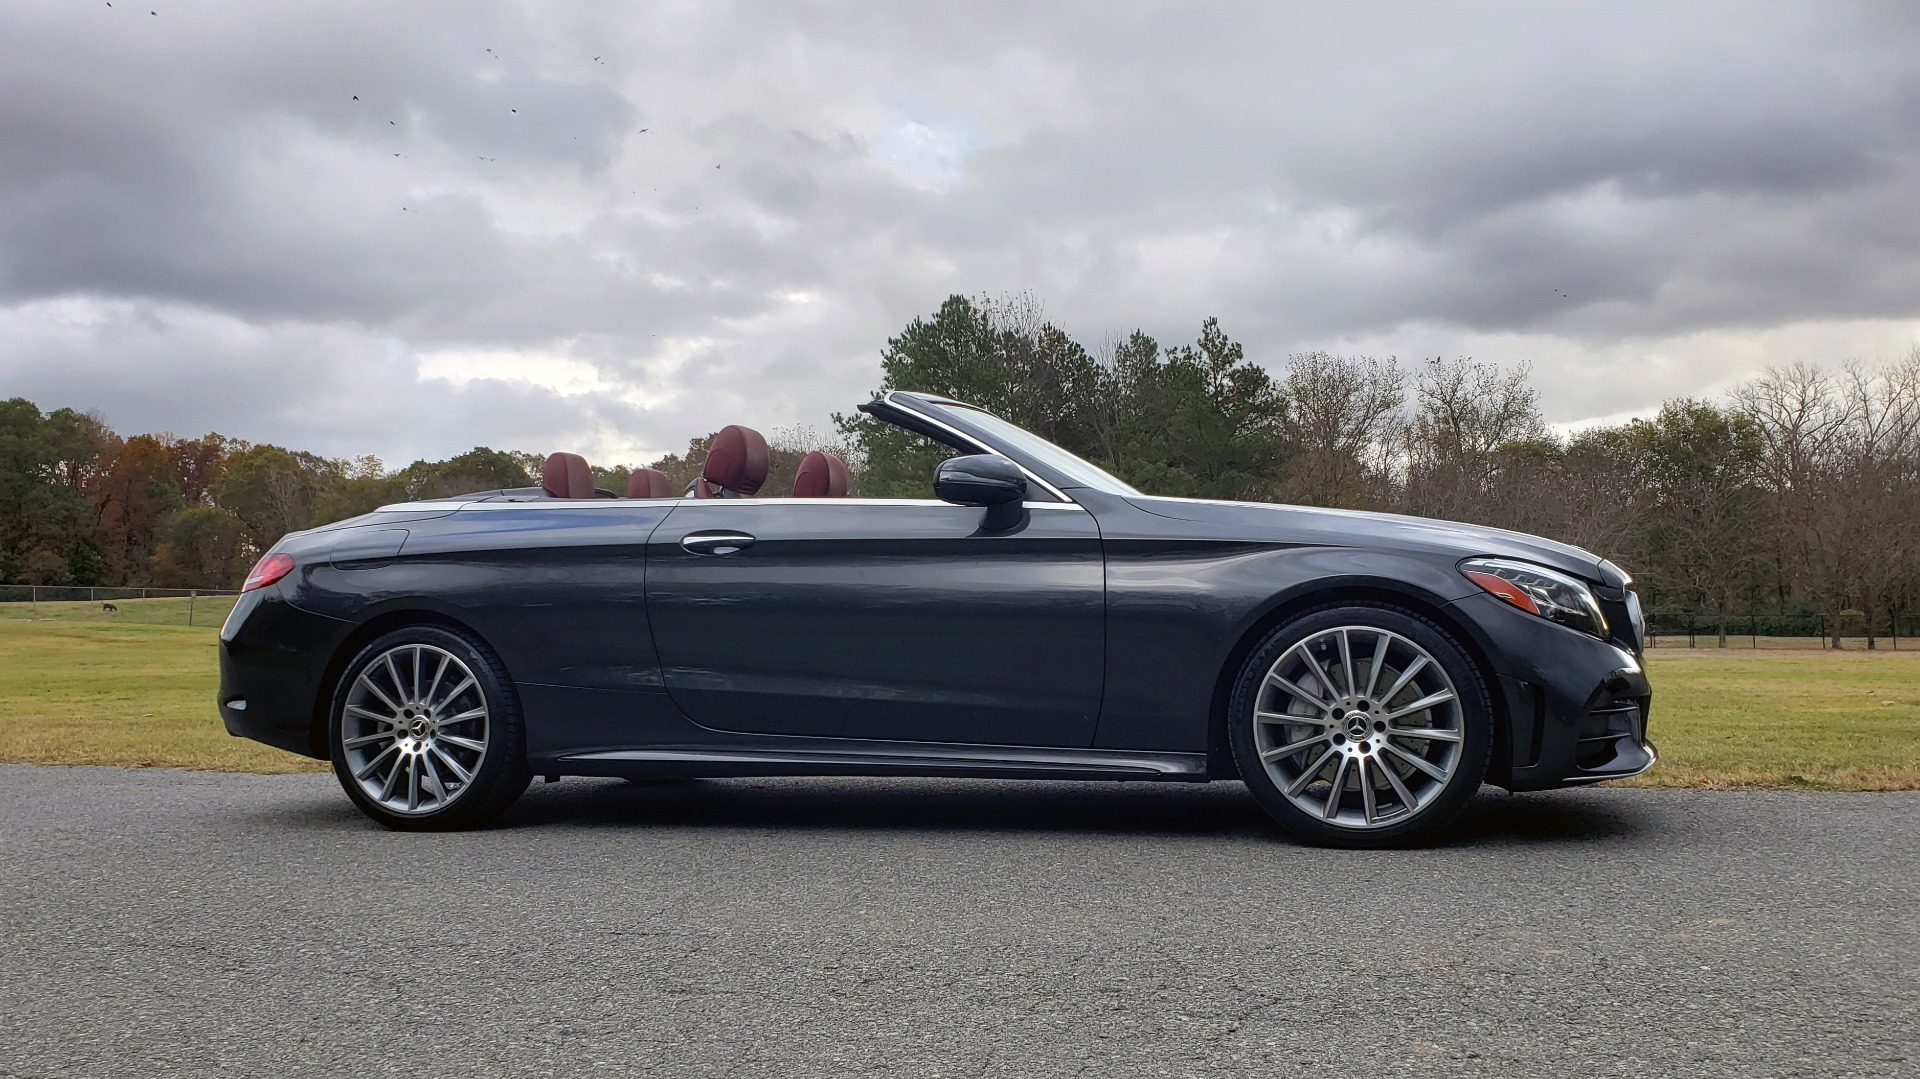 Used 2019 Mercedes-Benz C-CLASS C 300 CABRIOLET / PREM PKG / NAV / BURMESTER / MULTIMEDIA for sale $49,995 at Formula Imports in Charlotte NC 28227 14